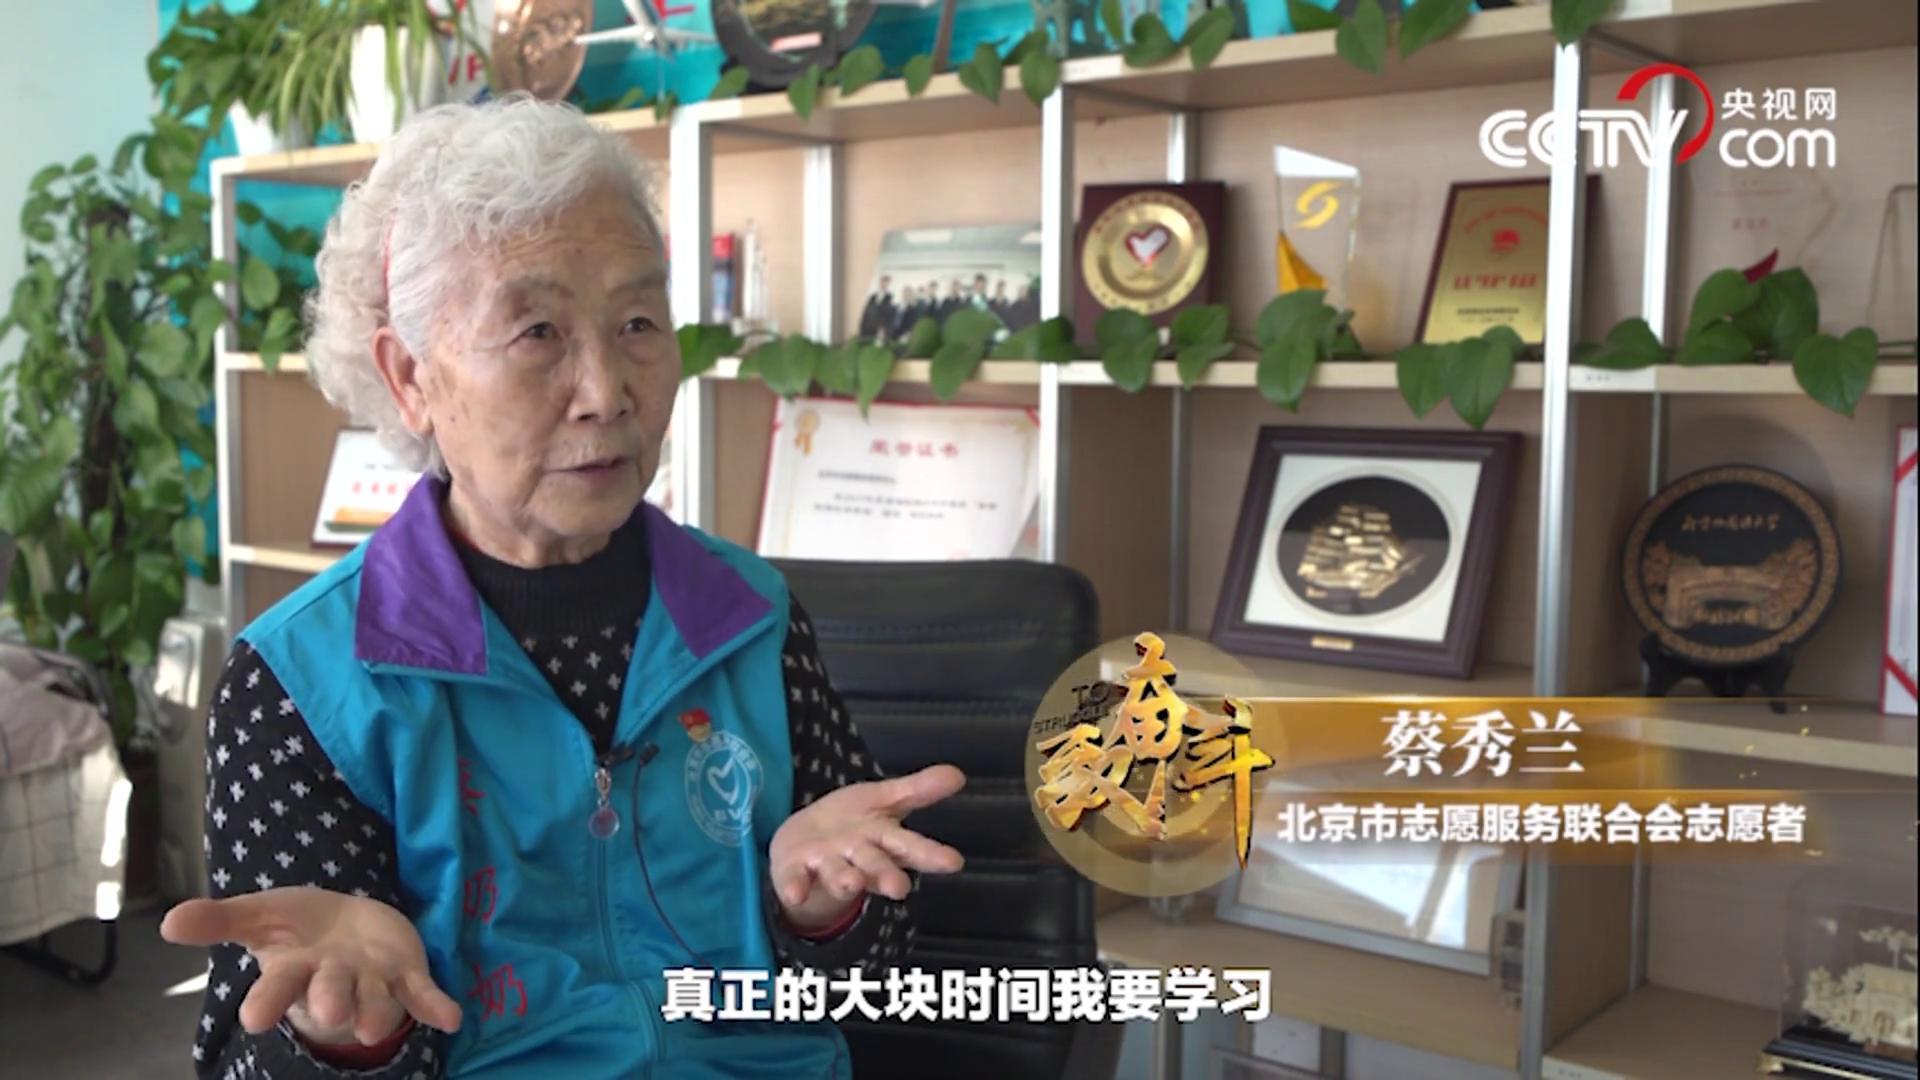 高龄志愿者蔡秀兰:10年、28000小时,用生命影响生命